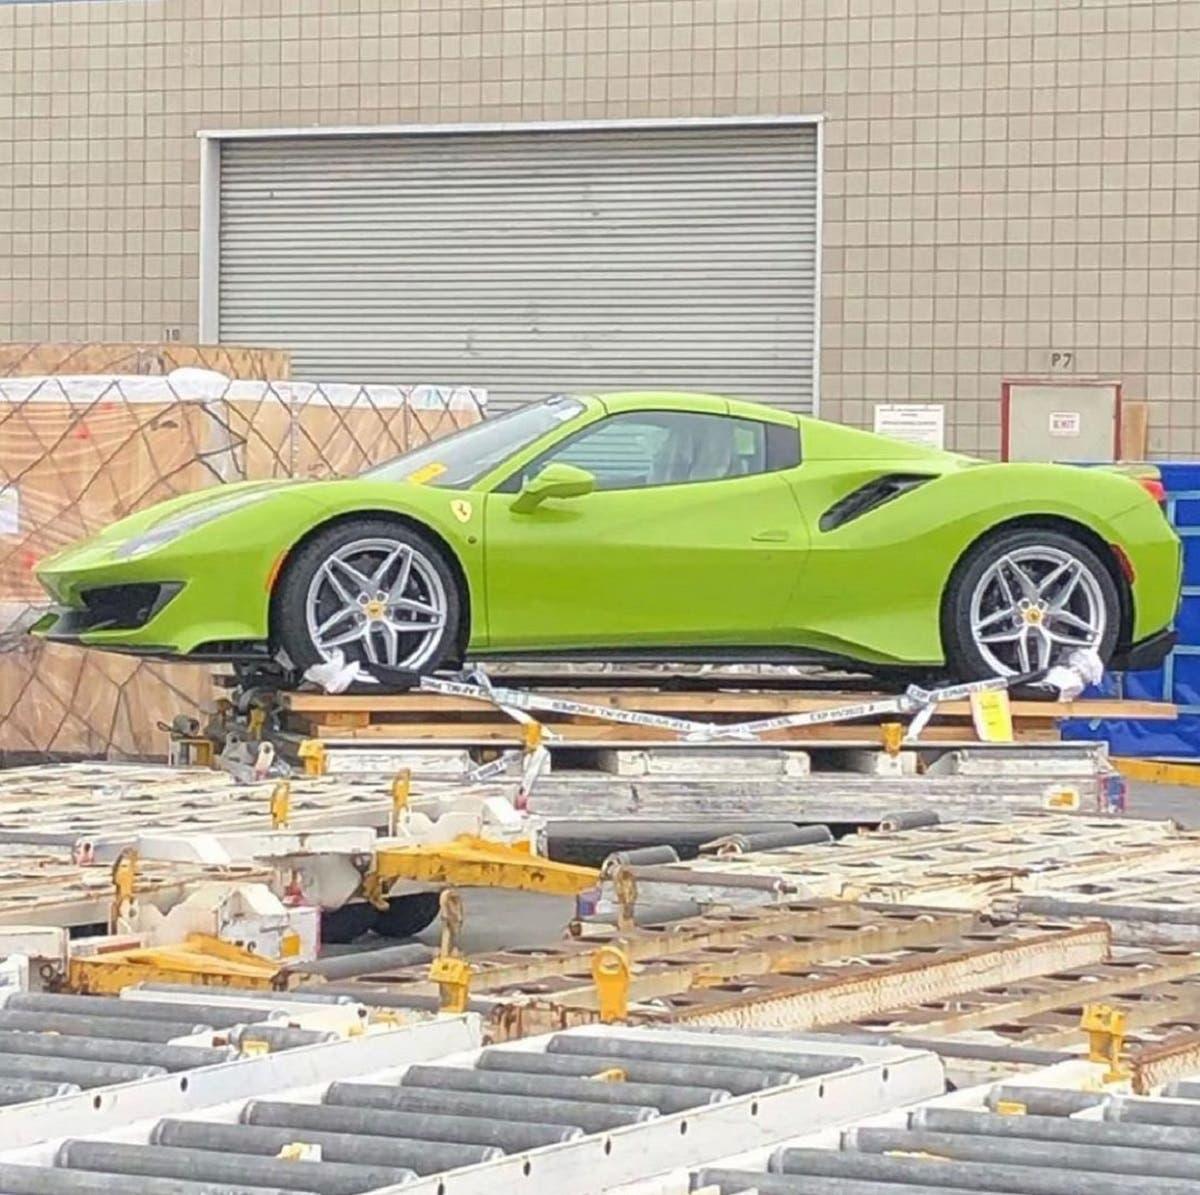 Ferrari F8 Tributo Colors: Ferrari 488 Pista Spider: Avvistato Un Esemplare Color